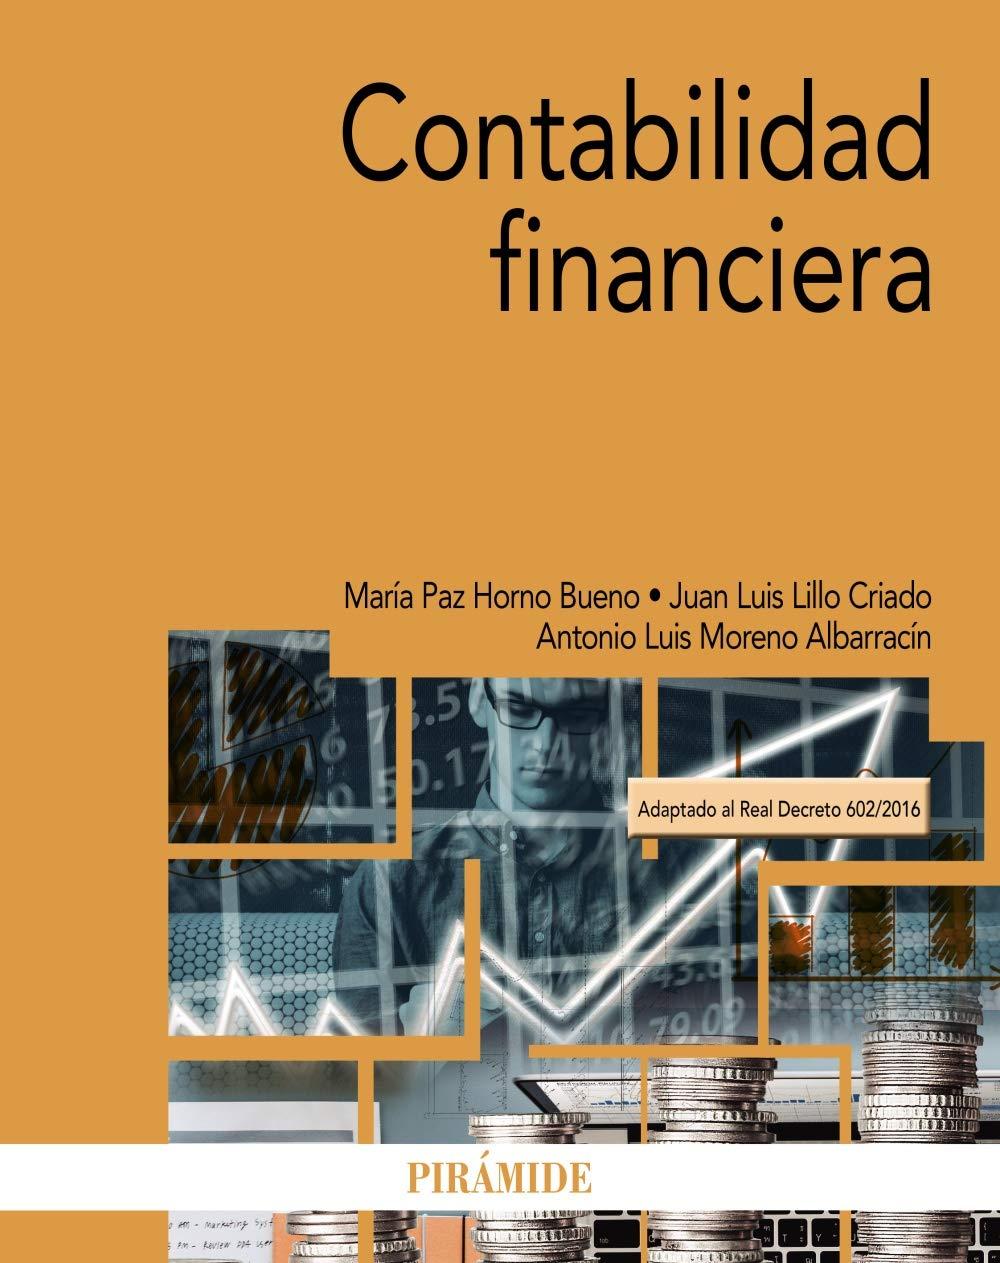 Contabilidad financiera (Economía Y Empresa) Tapa blanda – 4 oct 2018 María Paz Horno Bueno Juan Luis Lillo Criado Ediciones Pirámide 843684002X